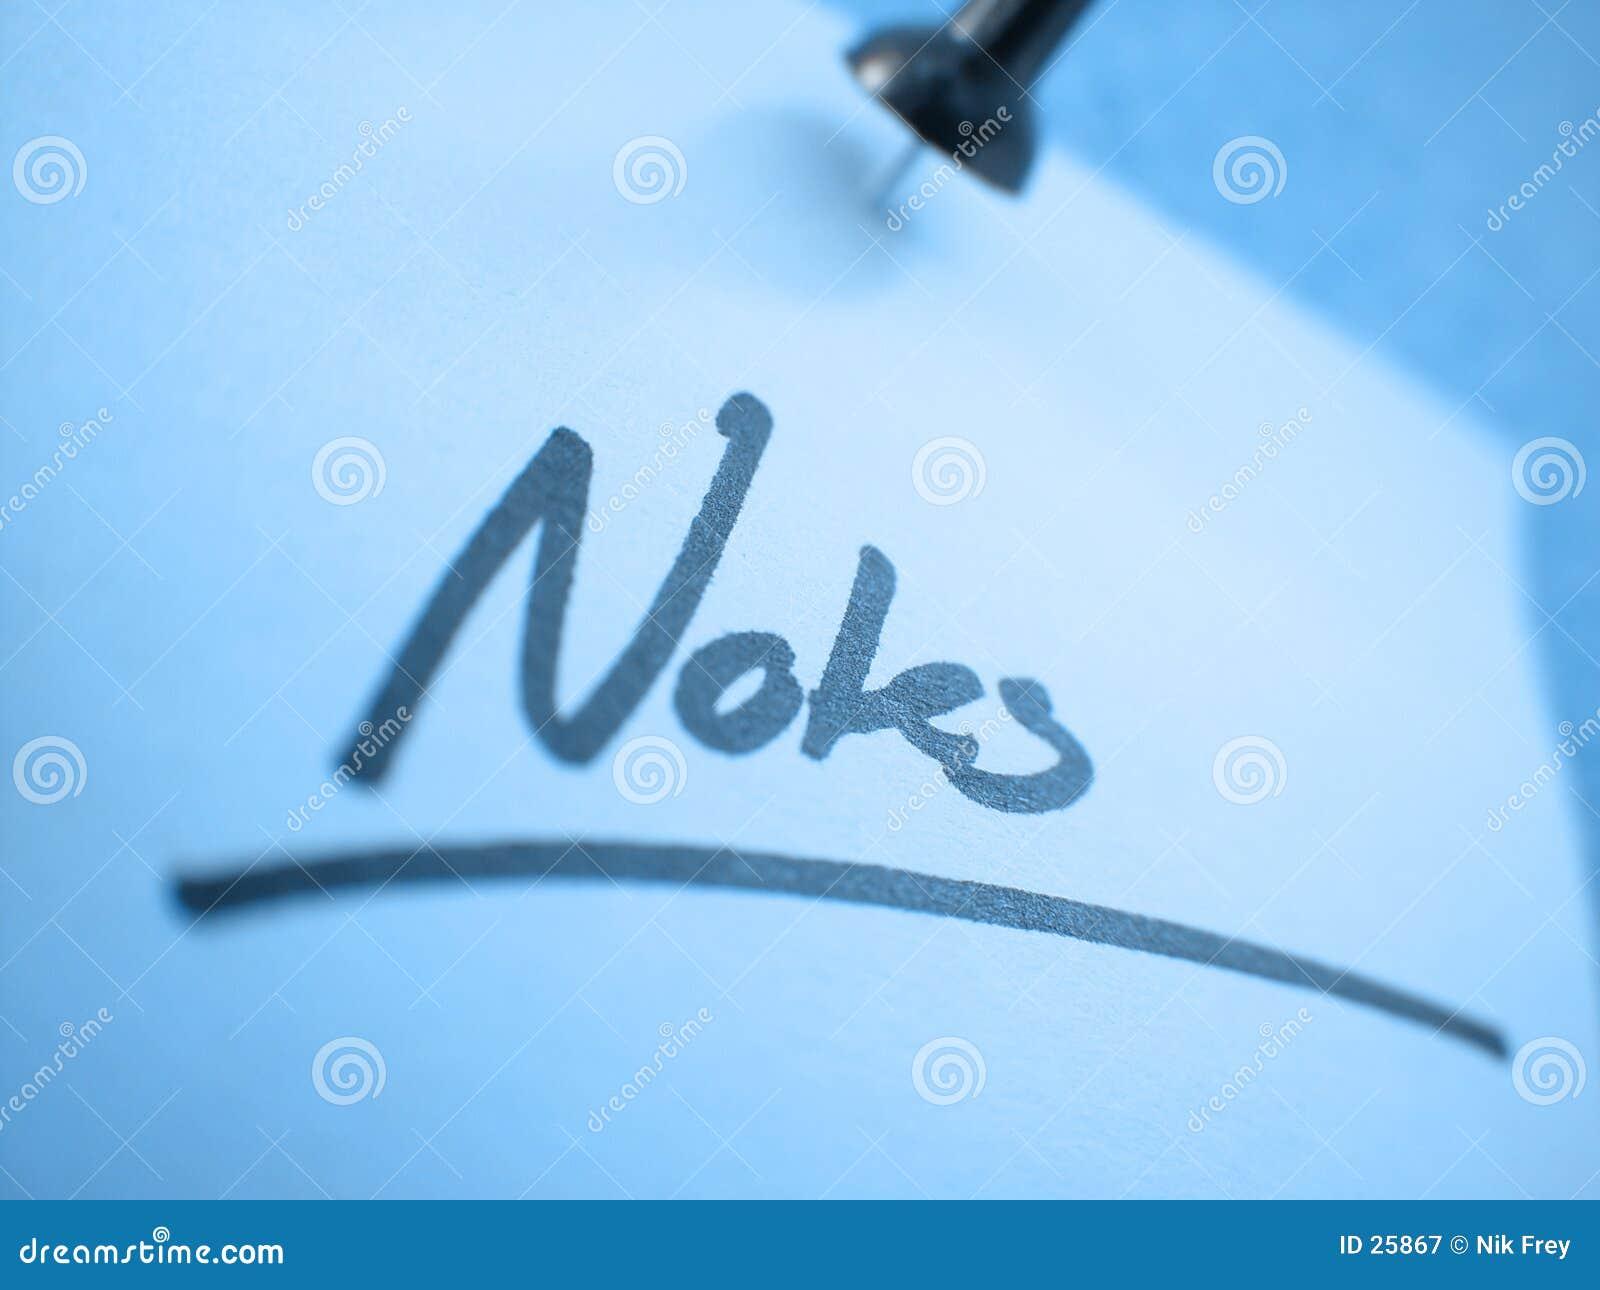 Notes? I